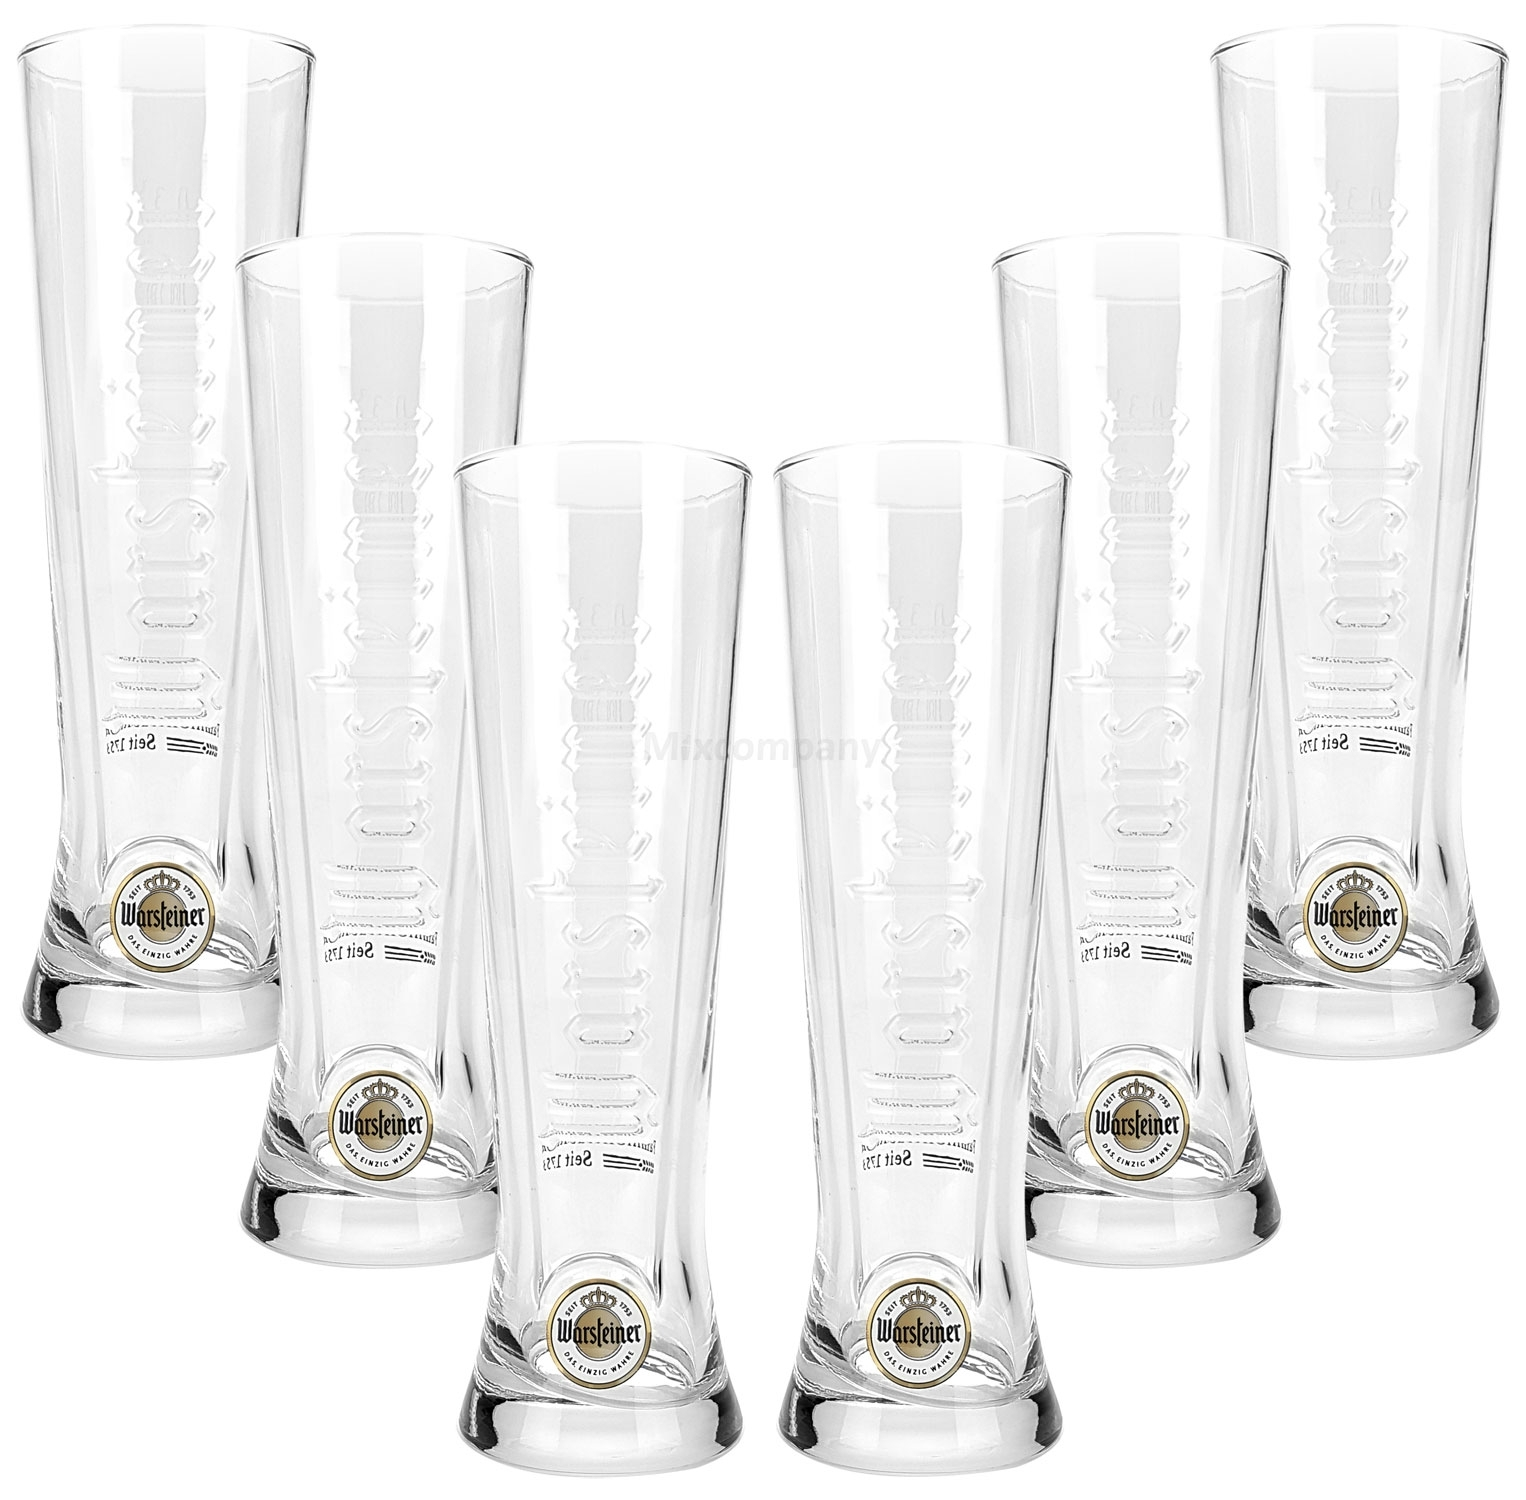 Warsteiner Bier Glas Bierglas Gläser 0,2 l Set - 6 Stück